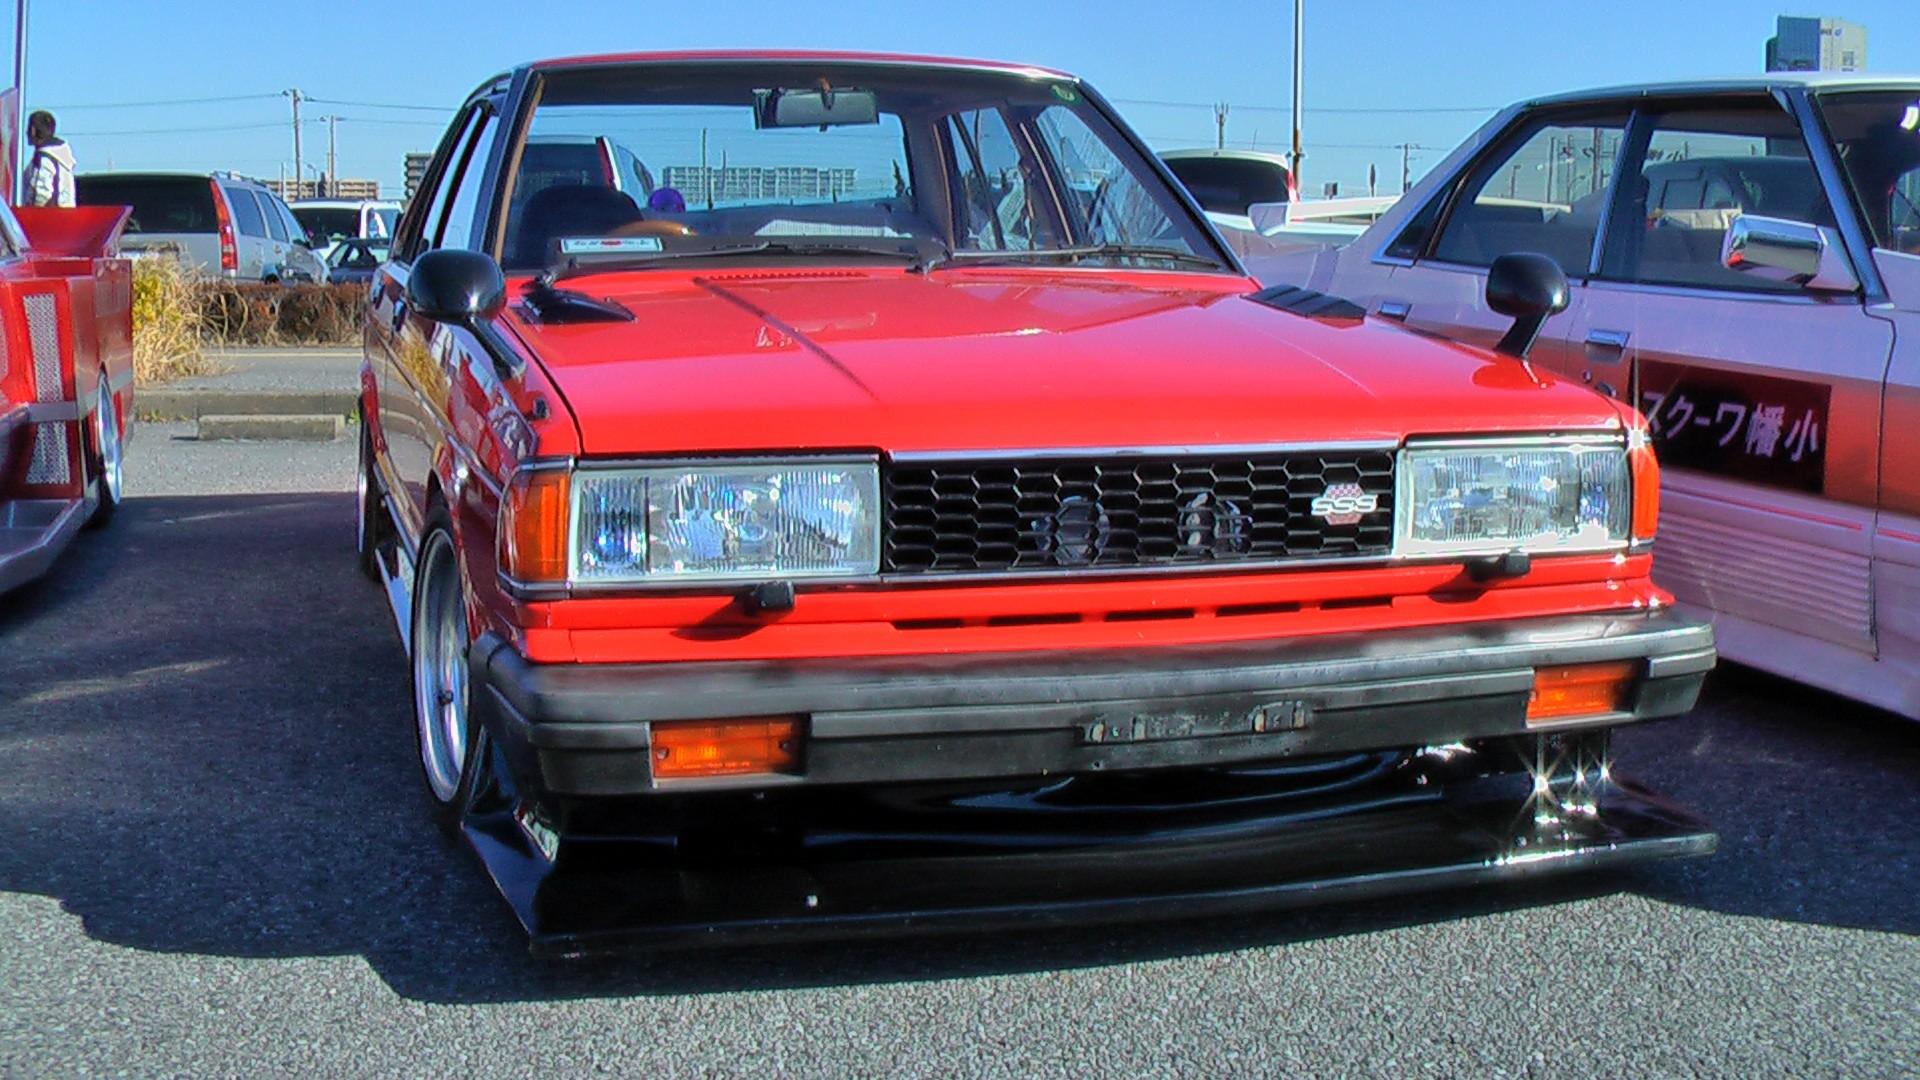 Nissan Bluebird SSS 910